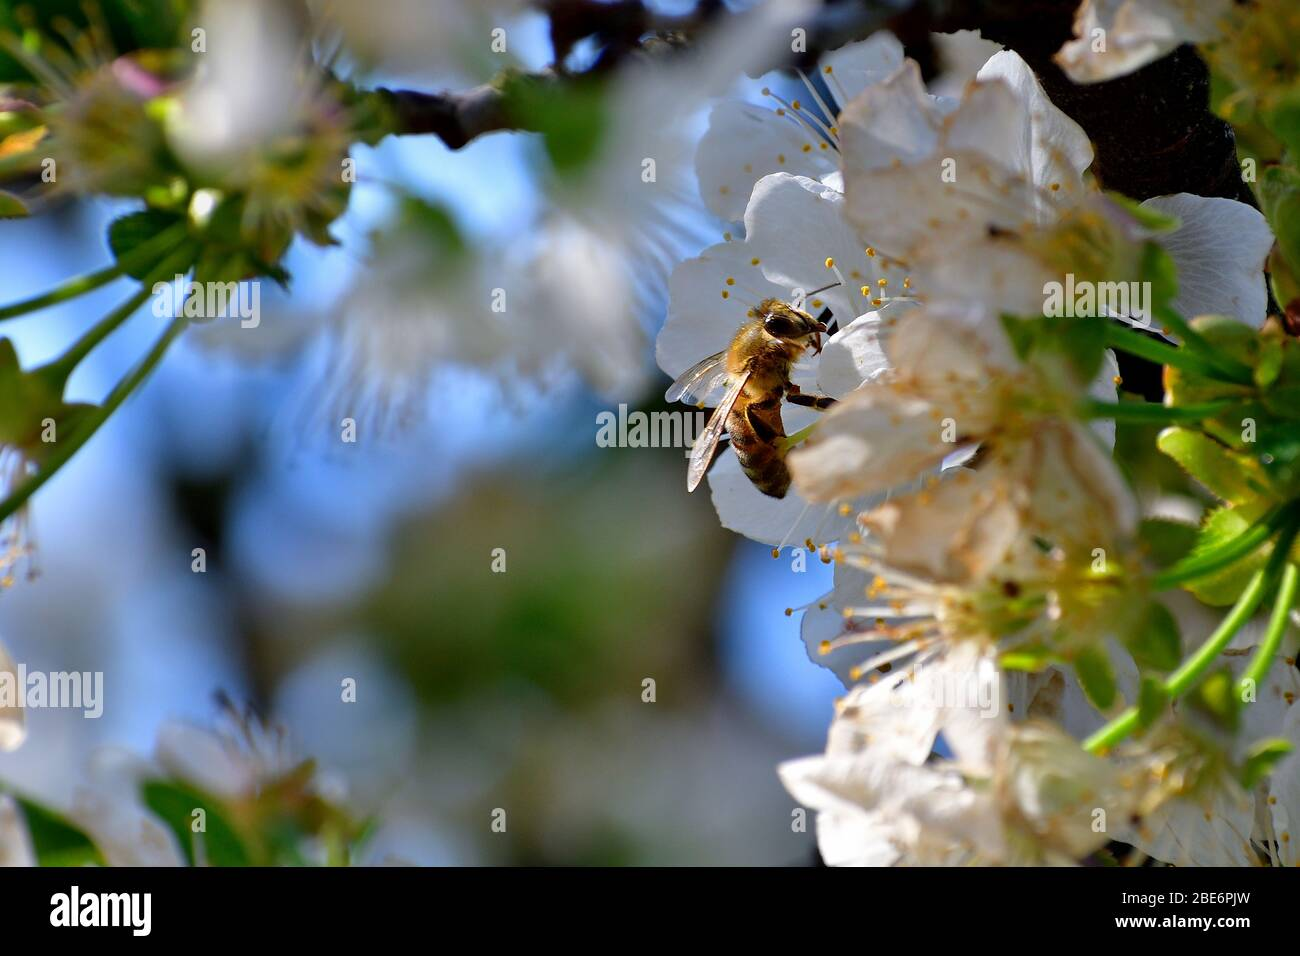 Imagen de una abeja que recoge polen de las flores de cerezo. La posición de la flor en una esquina da la posibilidad de crear postal y mensajería de vida Foto de stock